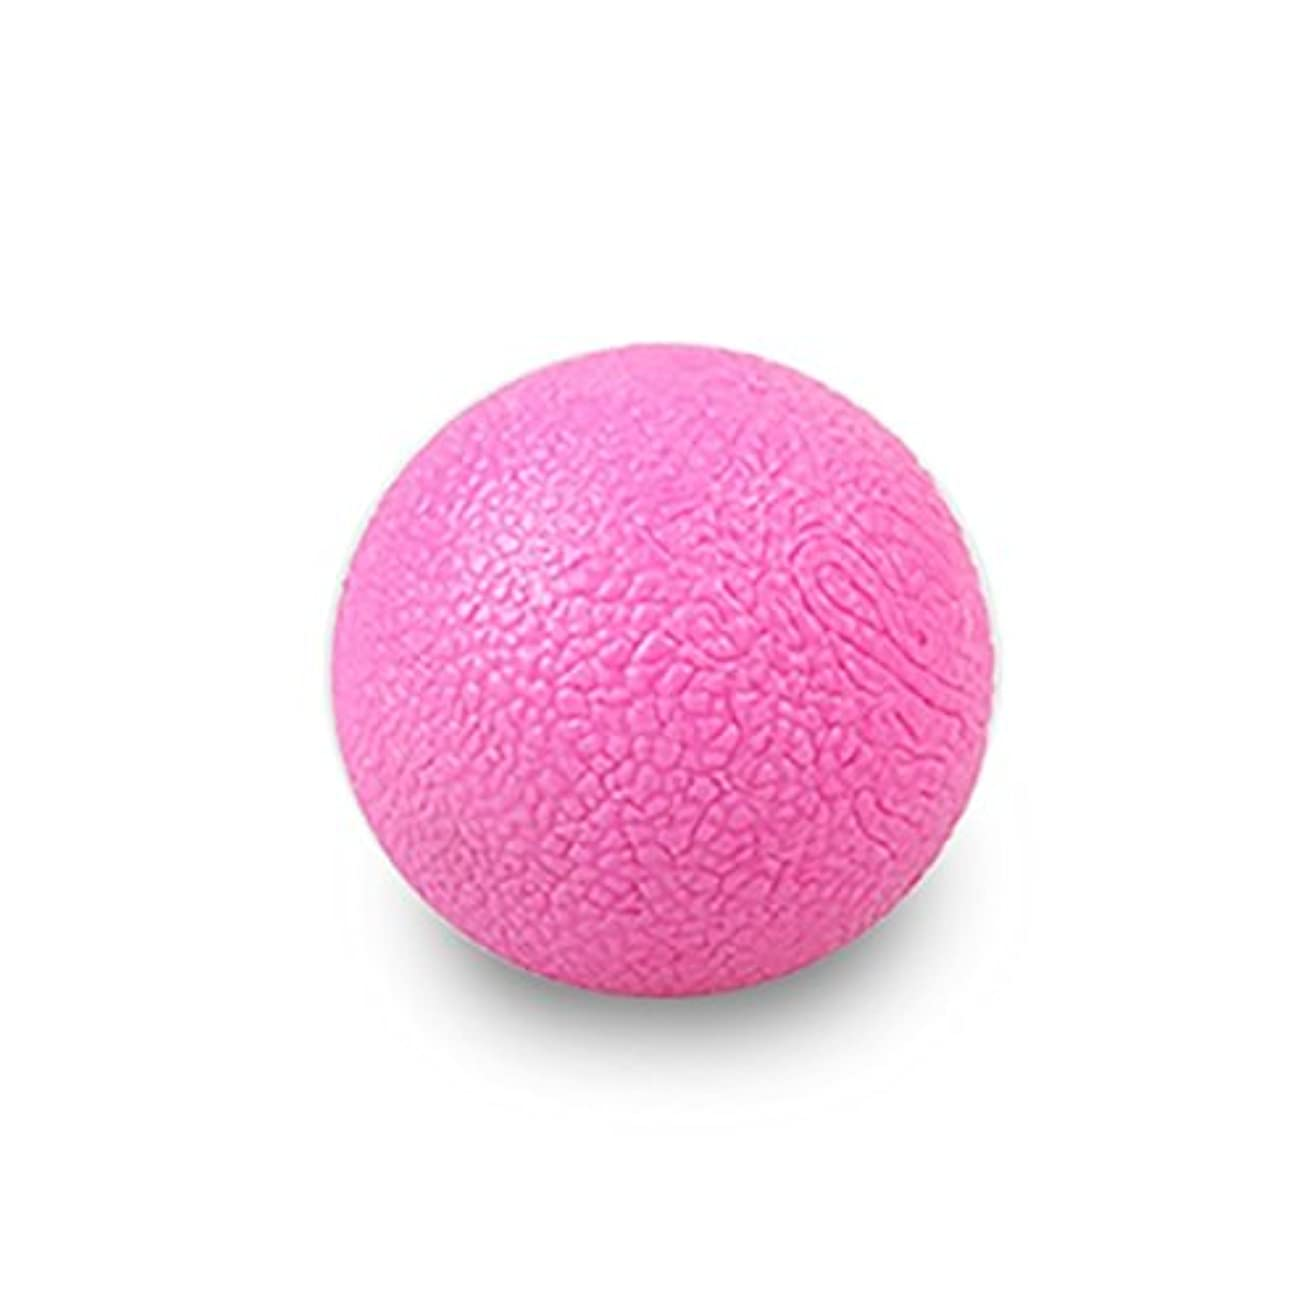 とげフォーカススタジアムShape Up UPnShape ミニ マッサージ ボール (4.7 インチ)/ストレッチ、ヨガ リハビリテーション腰痛首 (ピンク)